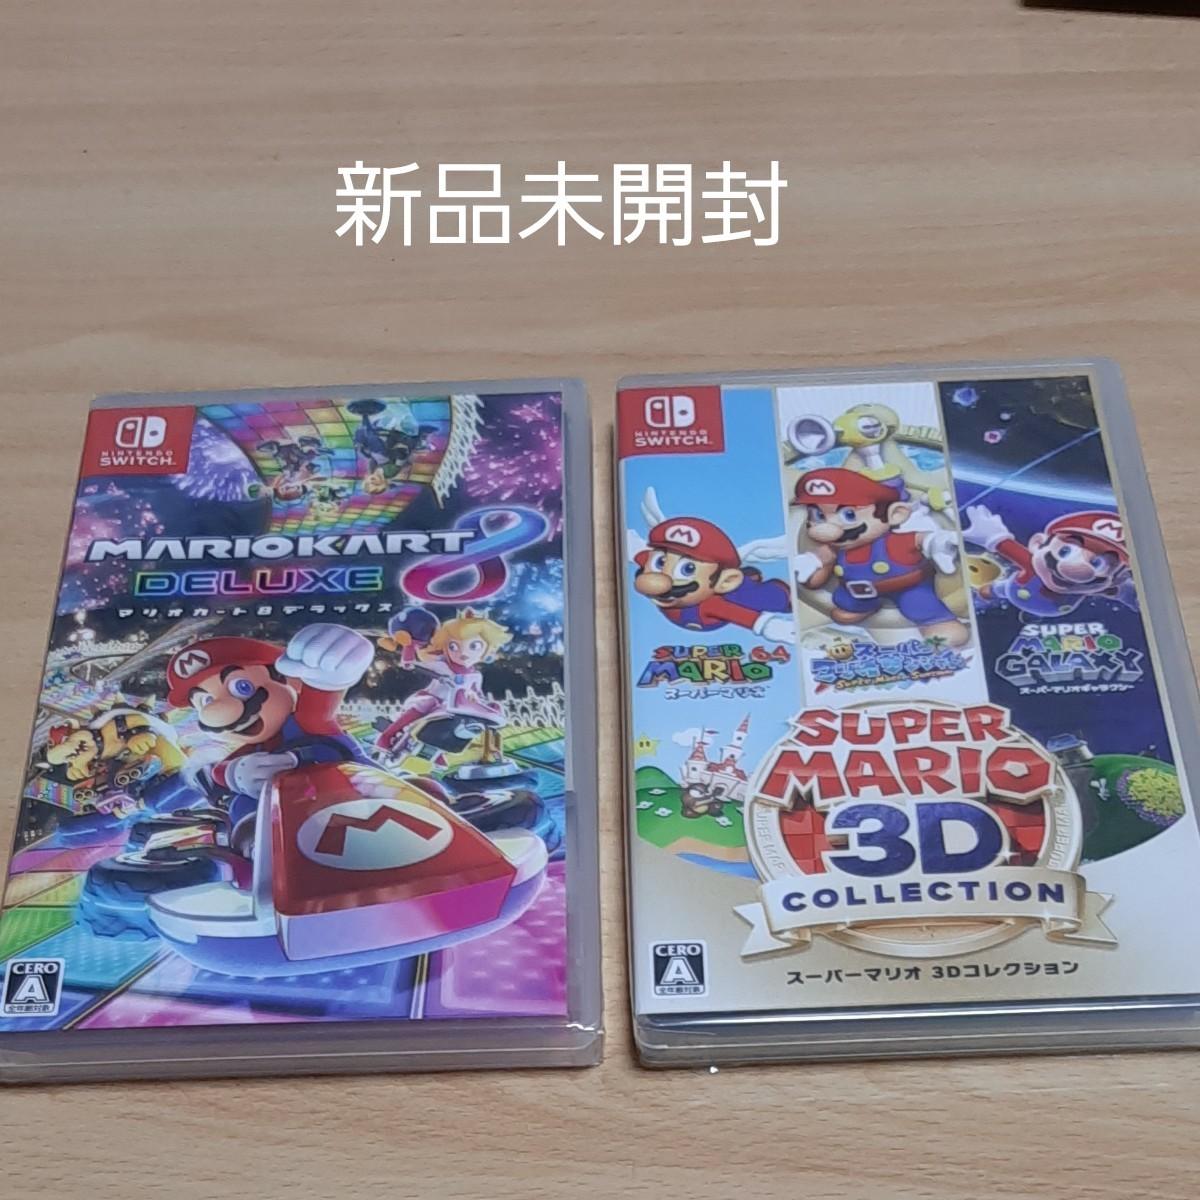 新品未開封【Switch】 スーパーマリオ 3Dコレクション  & マリオカート8デラックス